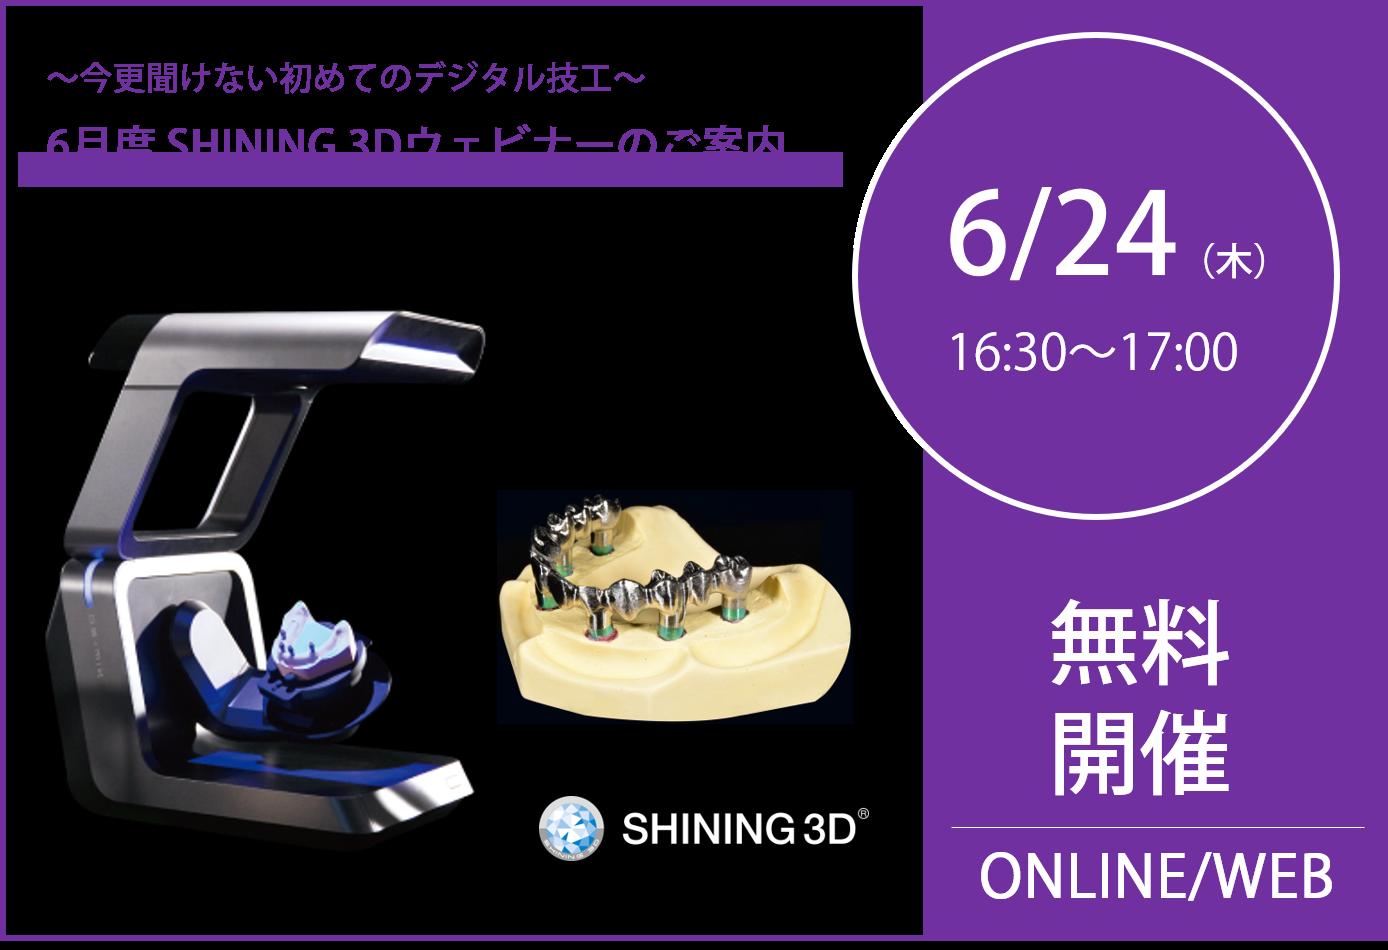 6/24(木)16:30~17:00 6月度SHINING 3Dウェビナーのご案内⇒終了しました